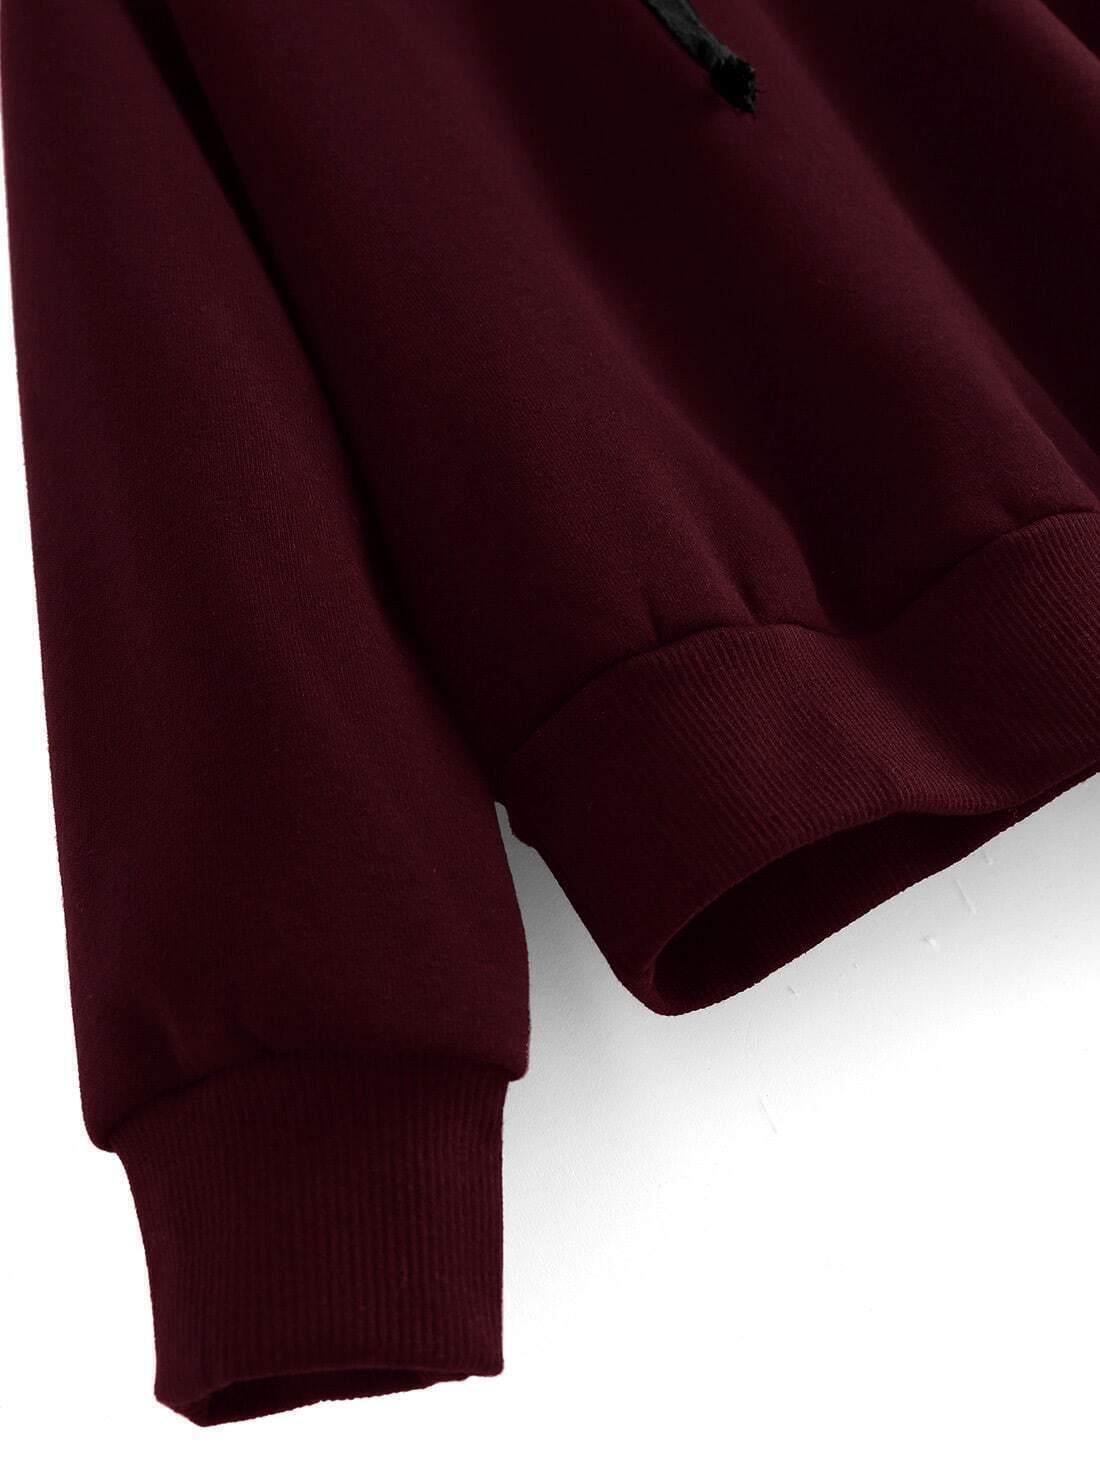 sweatshirt161010104_2